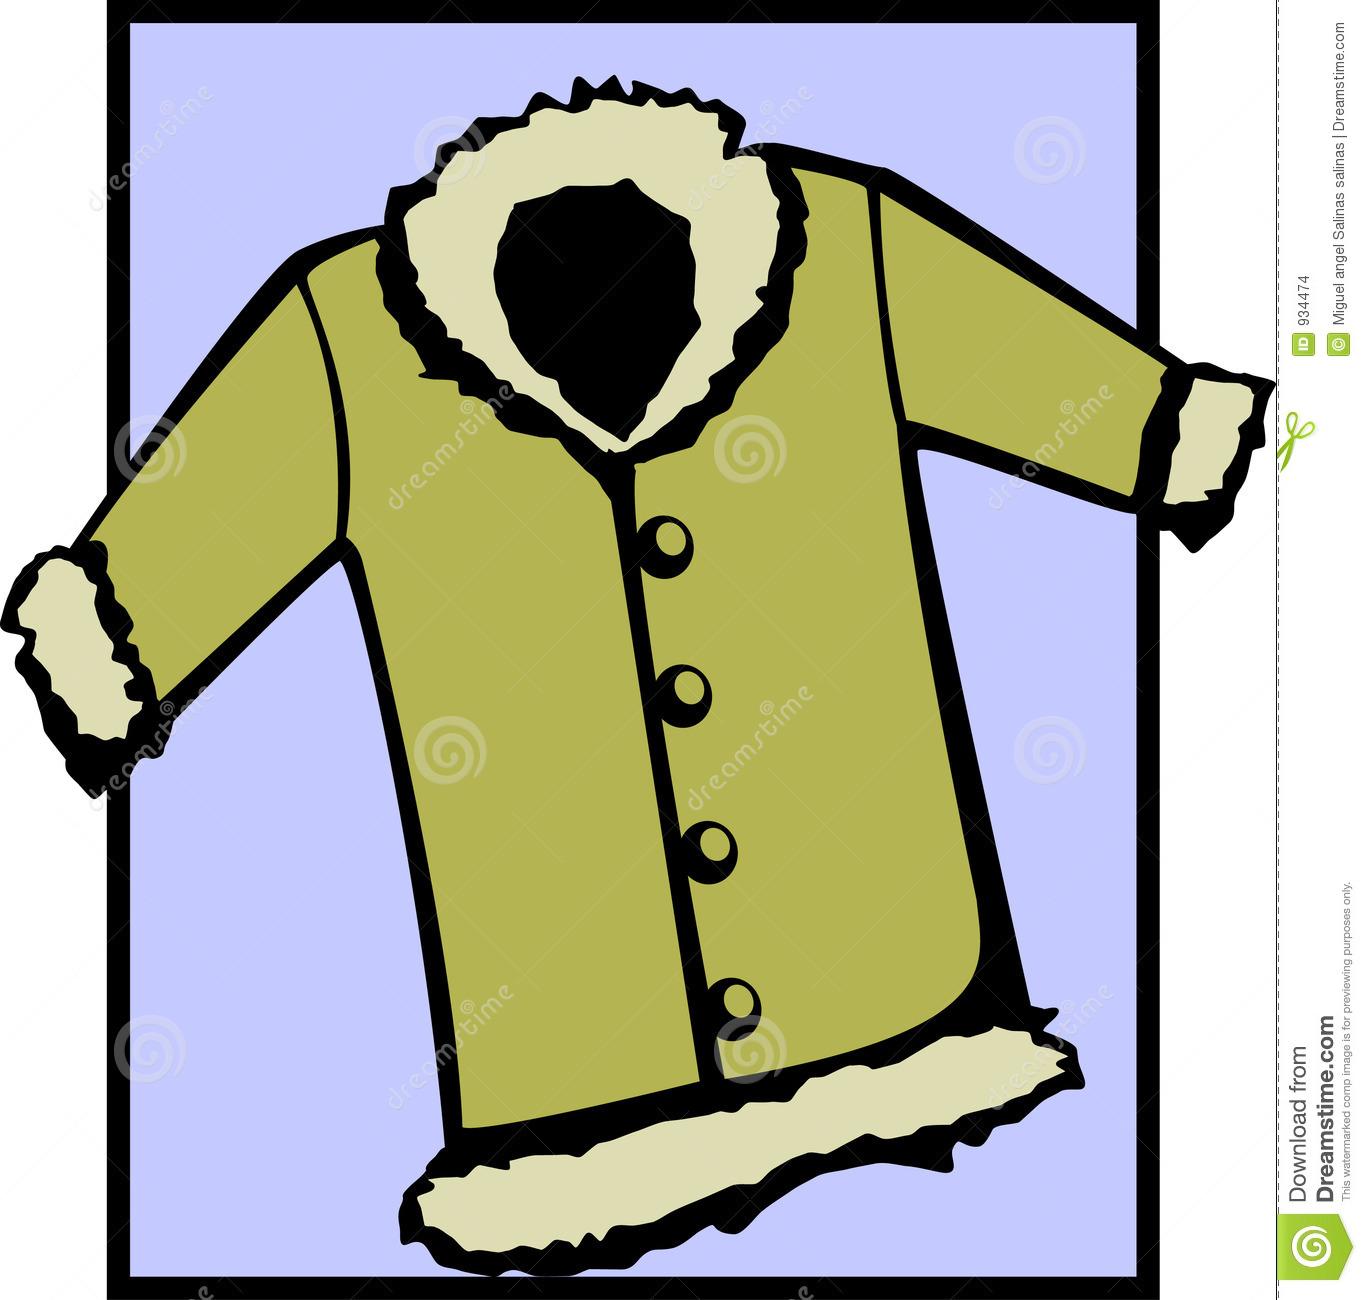 1366x1300 Coat Clipart Winter Coat